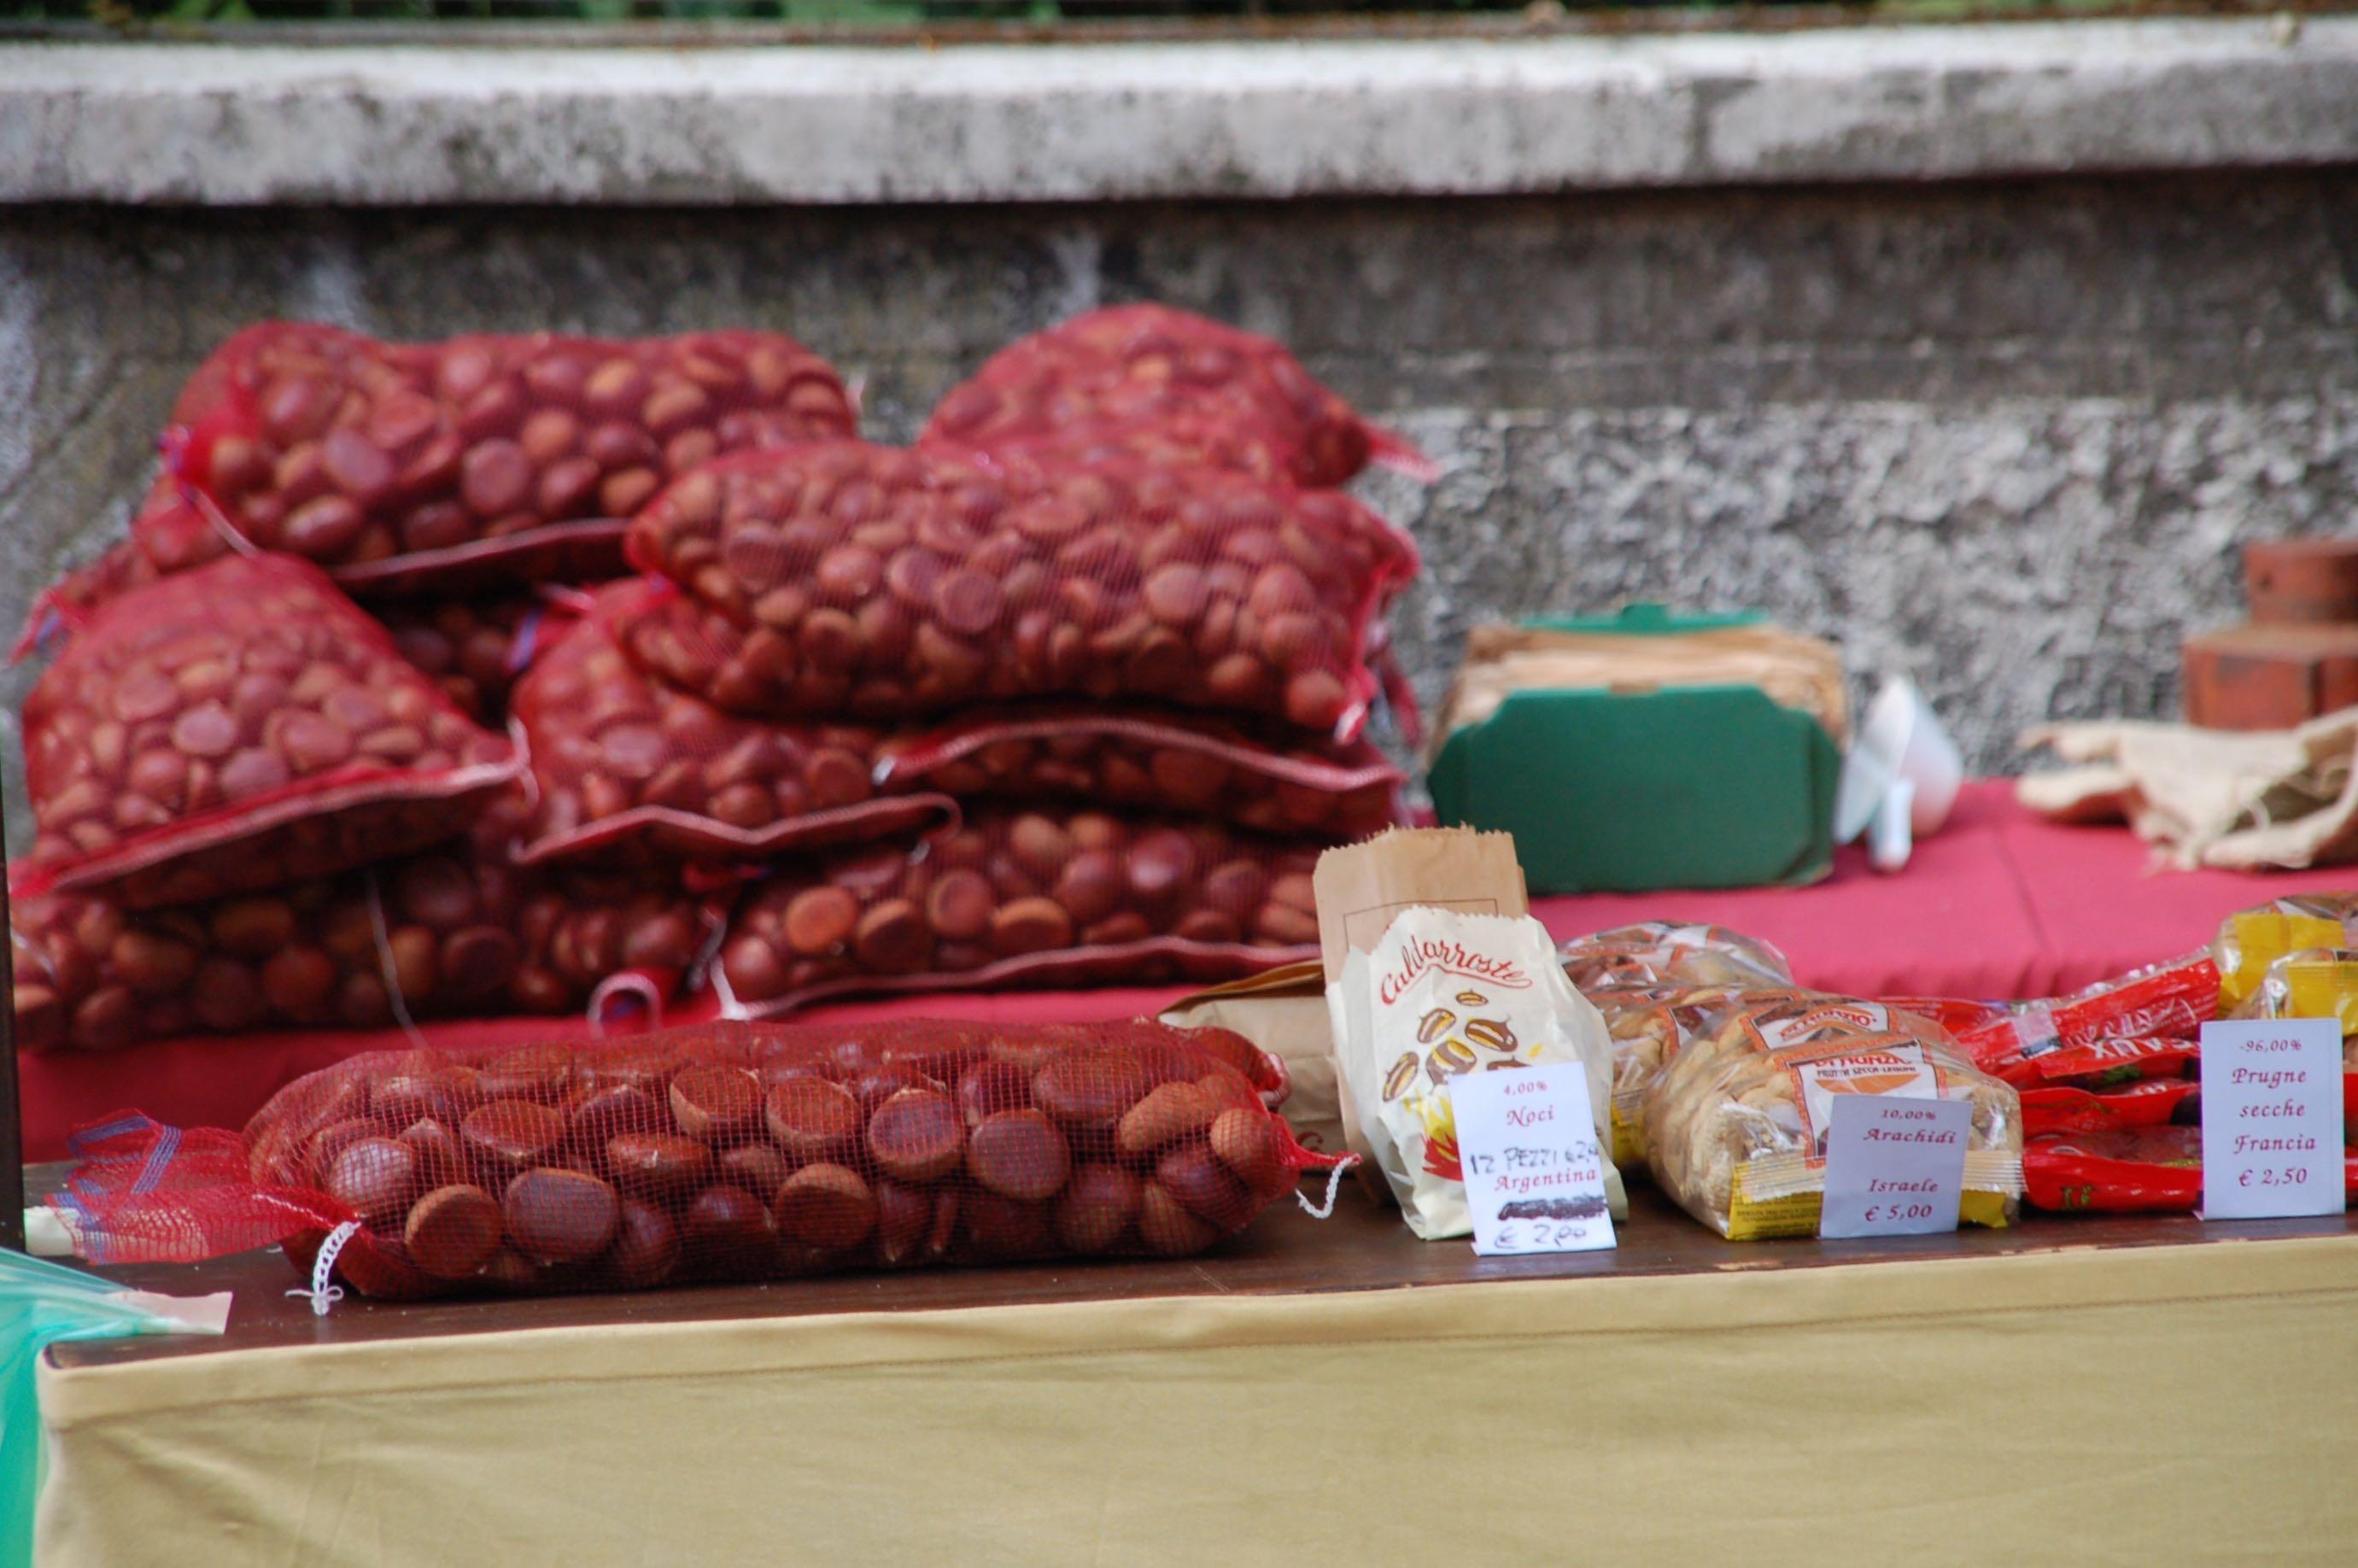 Esskastanienverkauf am Gardasee